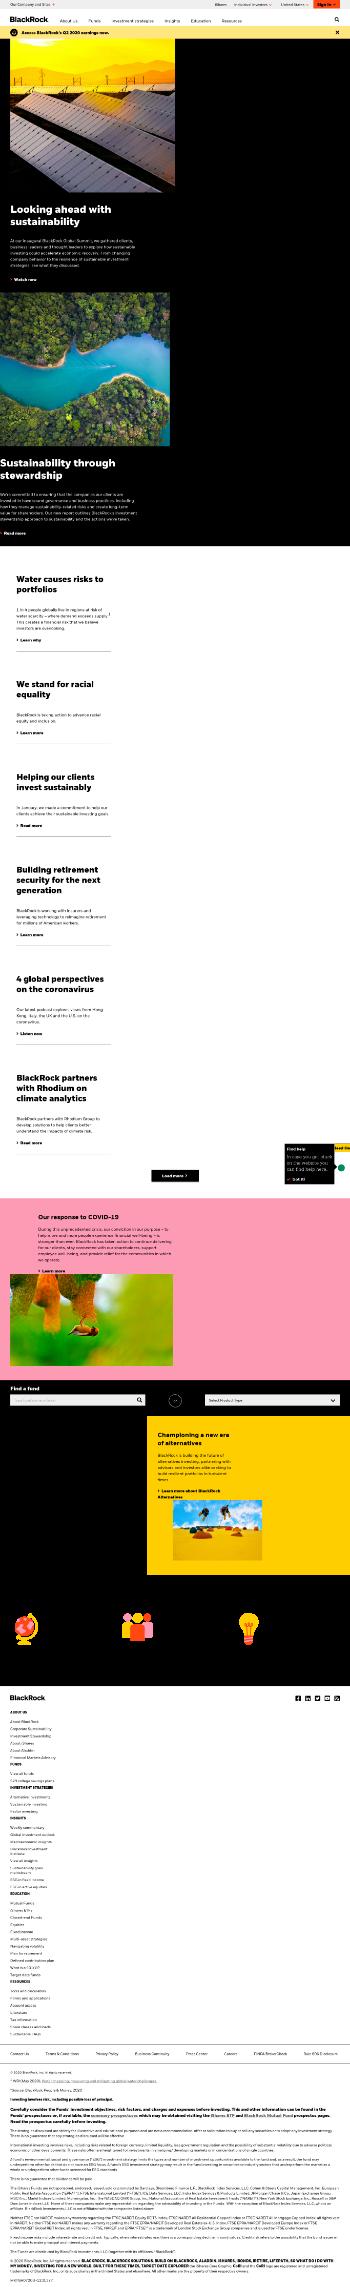 BlackRock Limited Duration Income Trust Website Screenshot